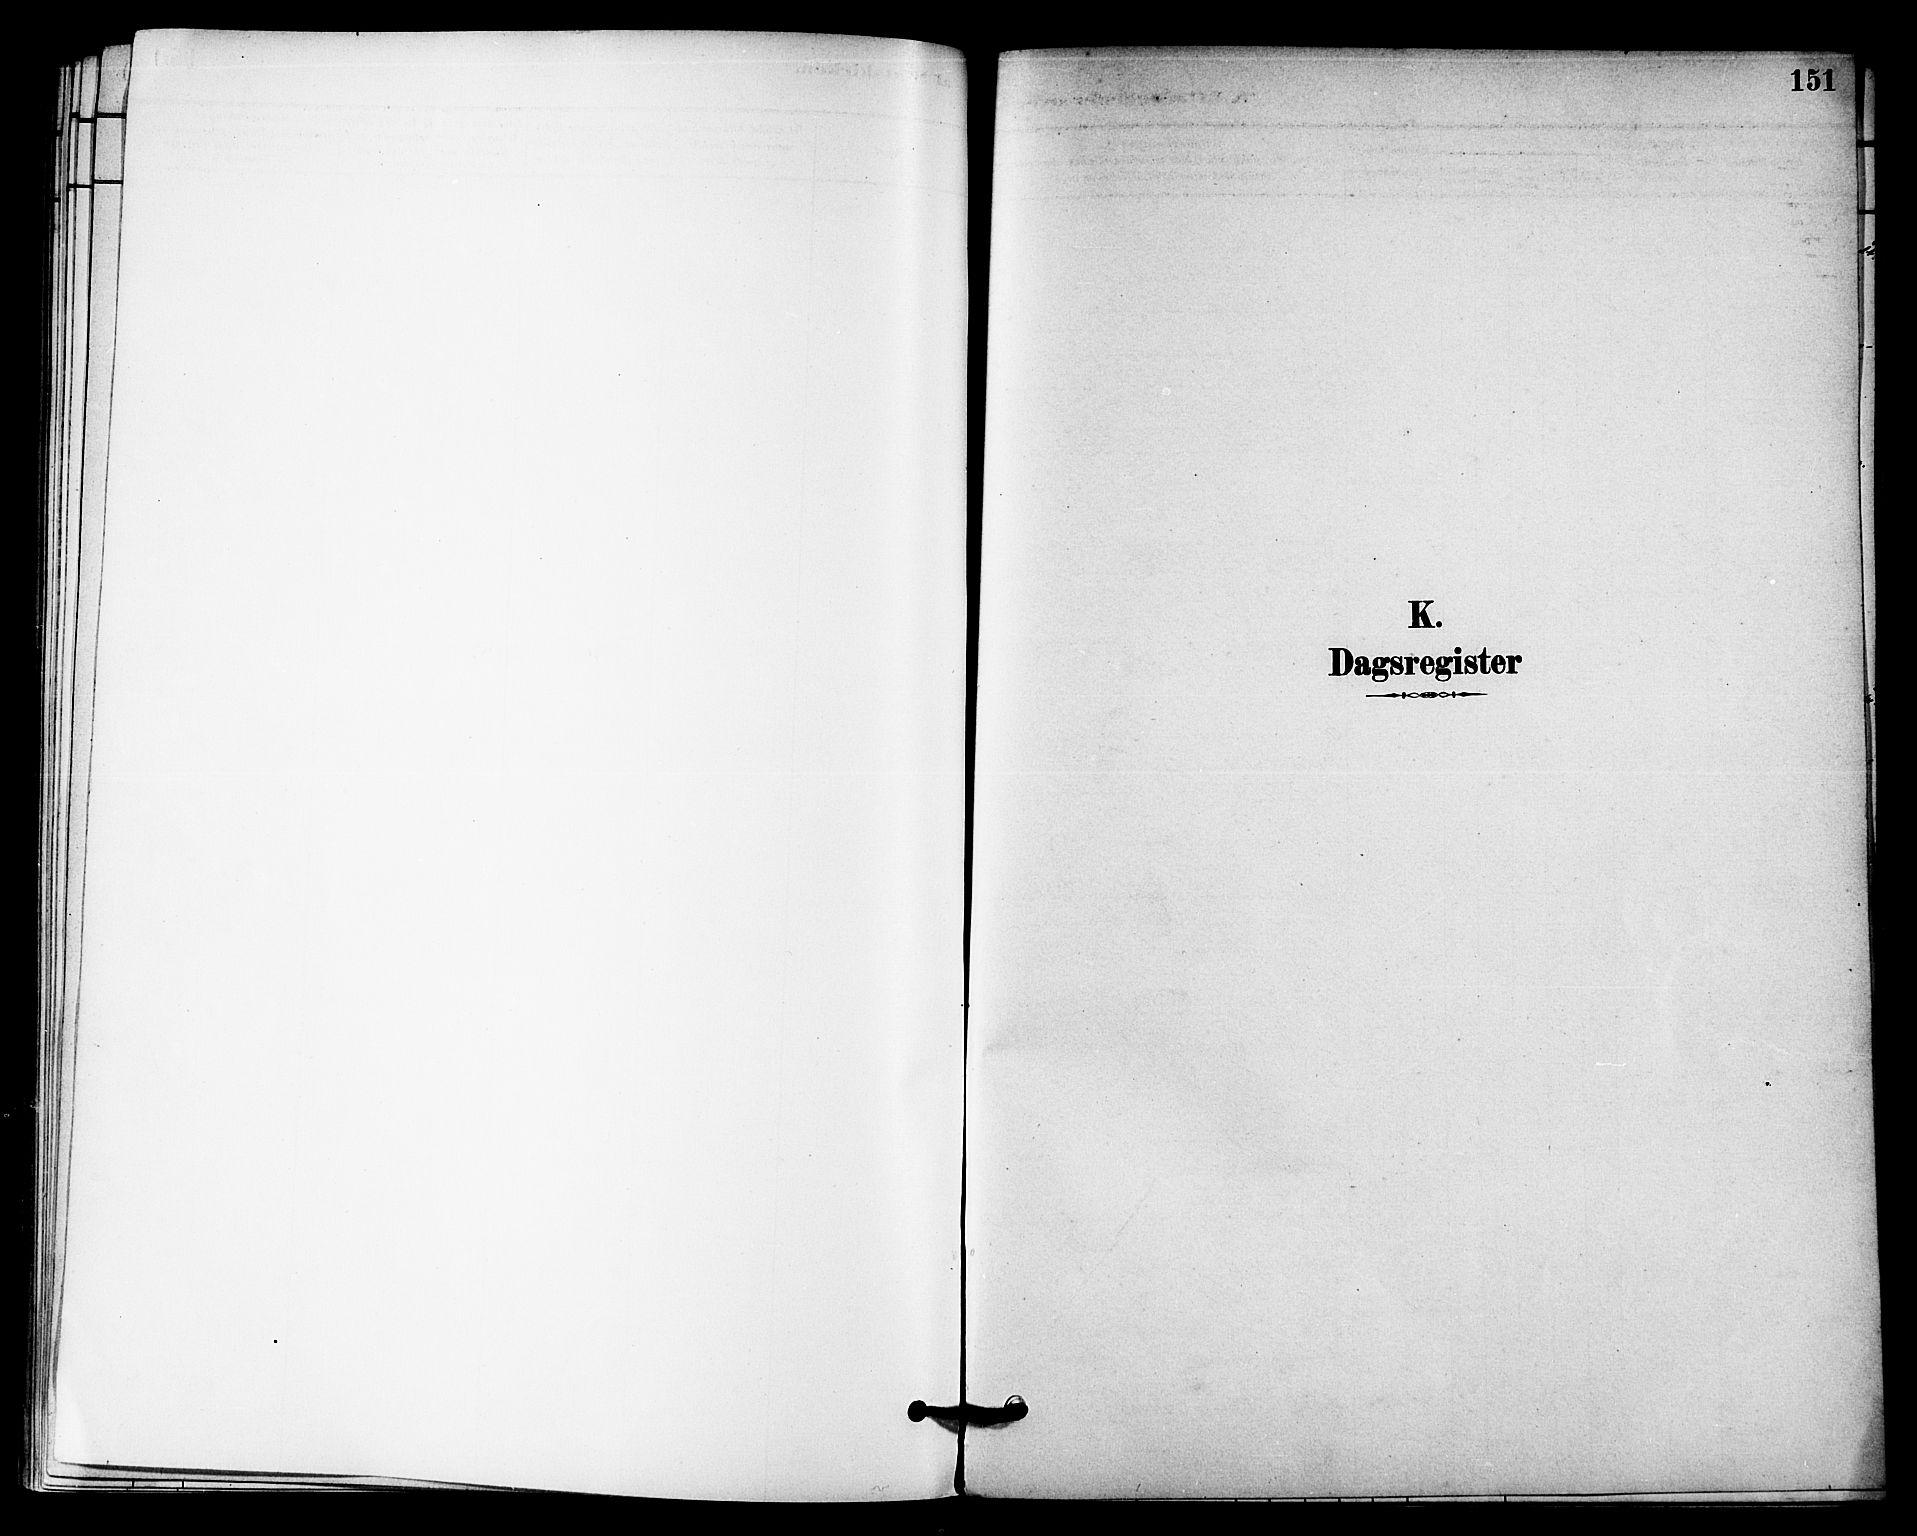 SAT, Ministerialprotokoller, klokkerbøker og fødselsregistre - Nord-Trøndelag, 740/L0378: Ministerialbok nr. 740A01, 1881-1895, s. 151